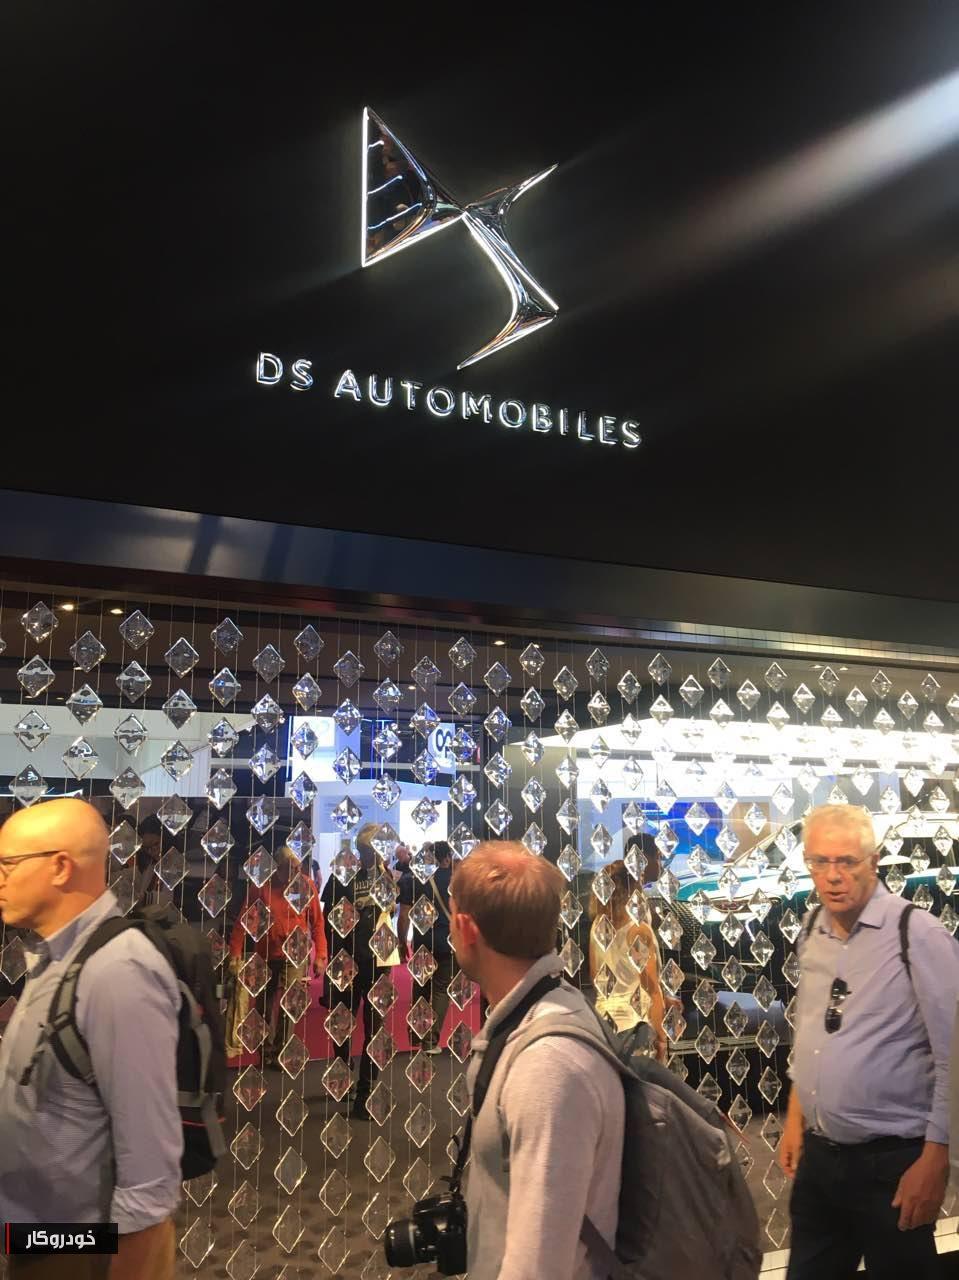 غرفه DS در نمایشگاه خودرو پاریس+ تصاویر